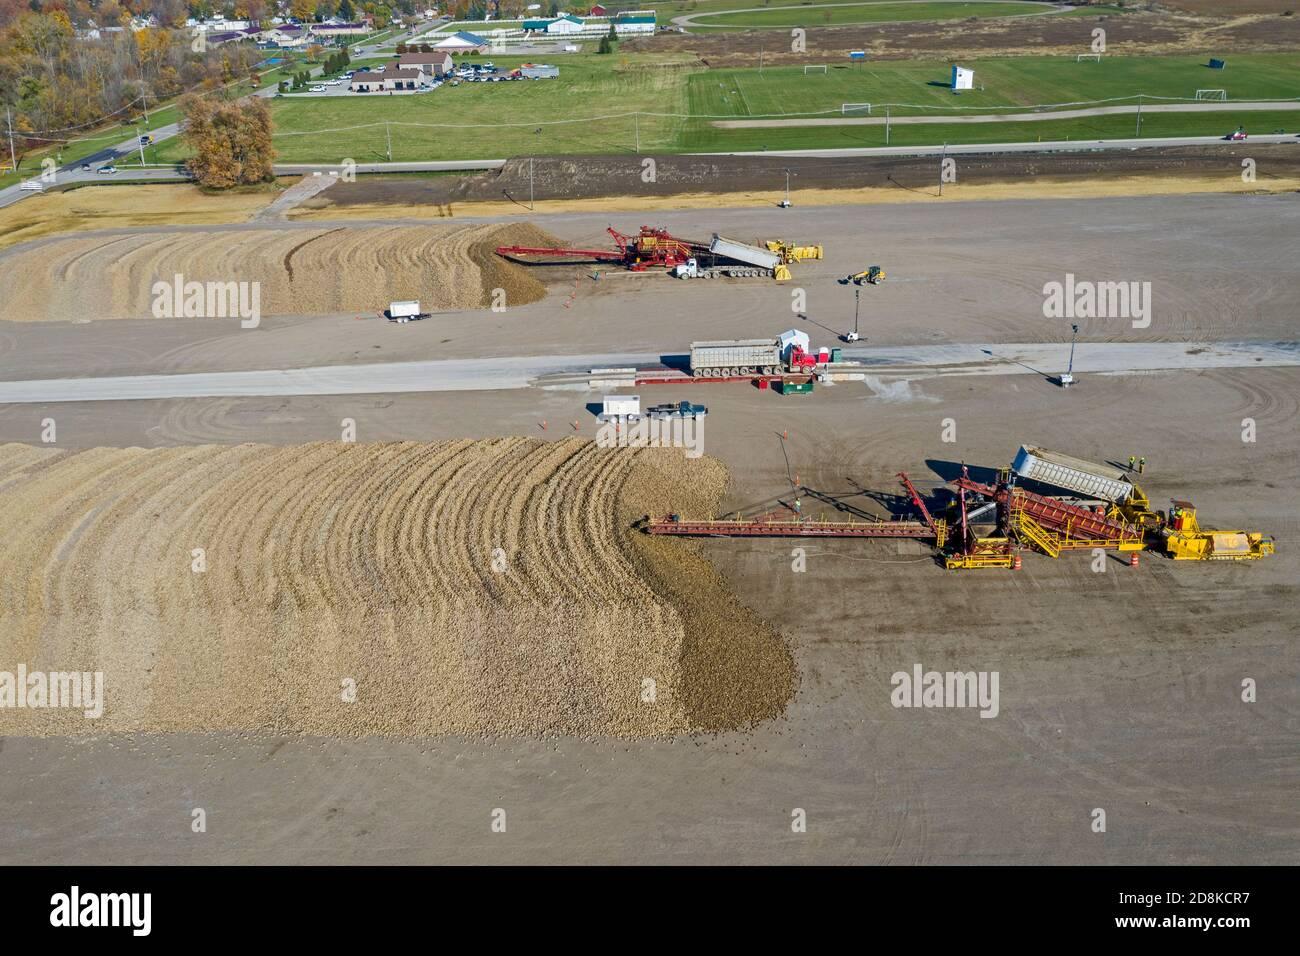 Croswell, Michigan - las remolachas azucareras se amontonan después de la cosecha en otoño, esperando su procesamiento en la Michigan Sugar Company. La empresa es una granja Foto de stock